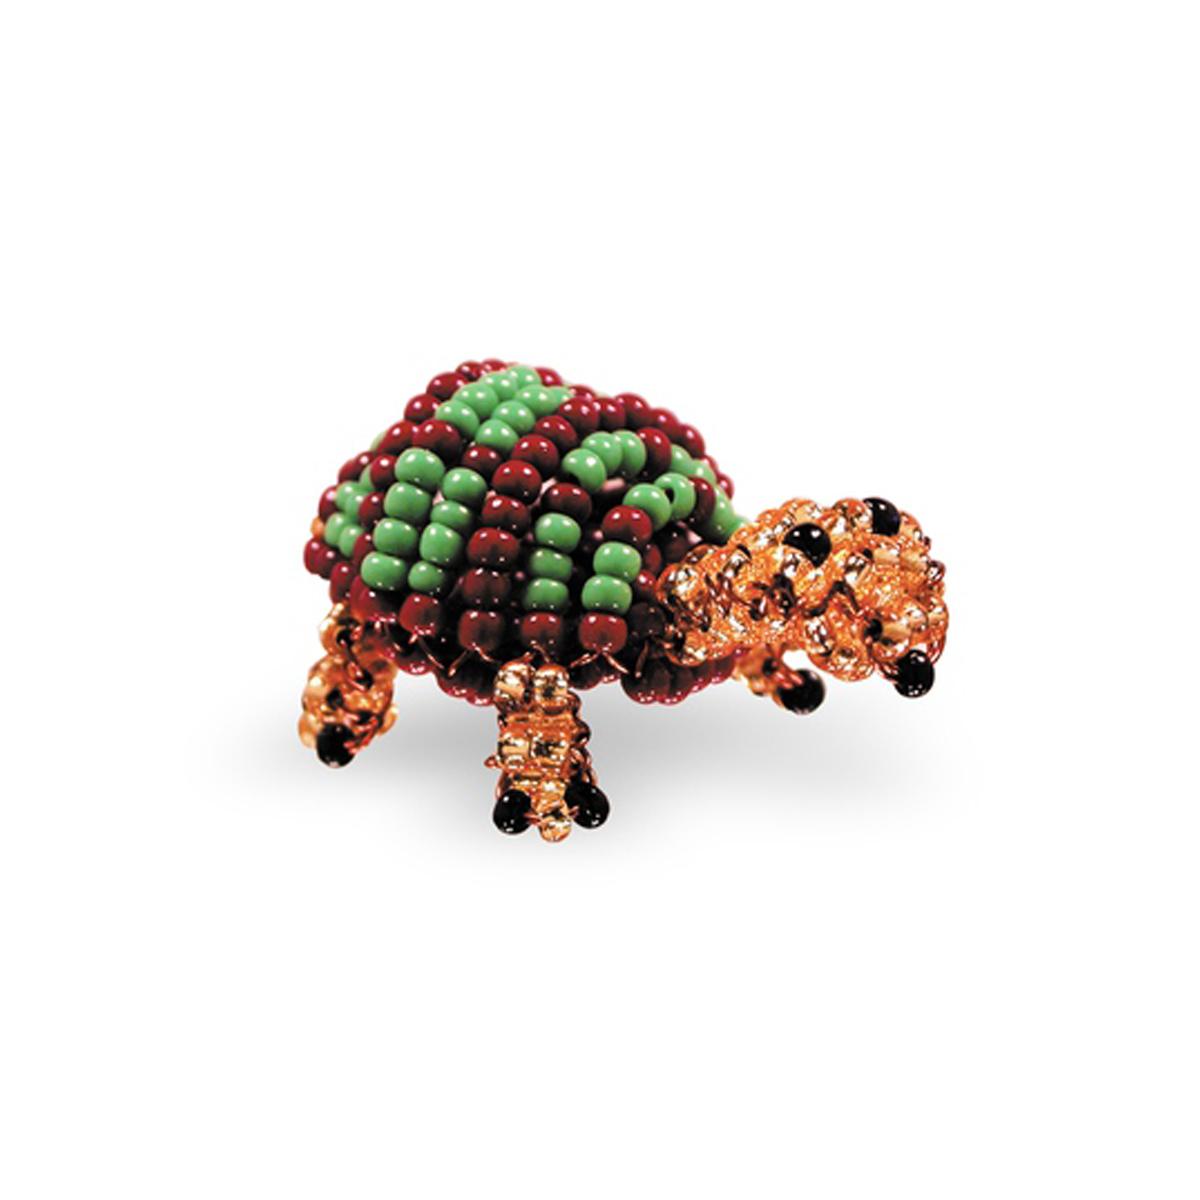 Набор для бисероплетения Кроше ЧерепахаА-119/645124В последнее время плетение бисером набирает популярность среди рукодельниц. Научиться созданию изделий из маленьких ярких бусинок вполне реально, это будет под силу даже детям. Вашему вниманию предлагается многообразие наборов по бисероплению от бренда Кроше. Выбирайте любой из понравившихся и приступайте к созданию шедевра. Состав набора: чешский бисер, проволока для бисера, схема и описание к работе.